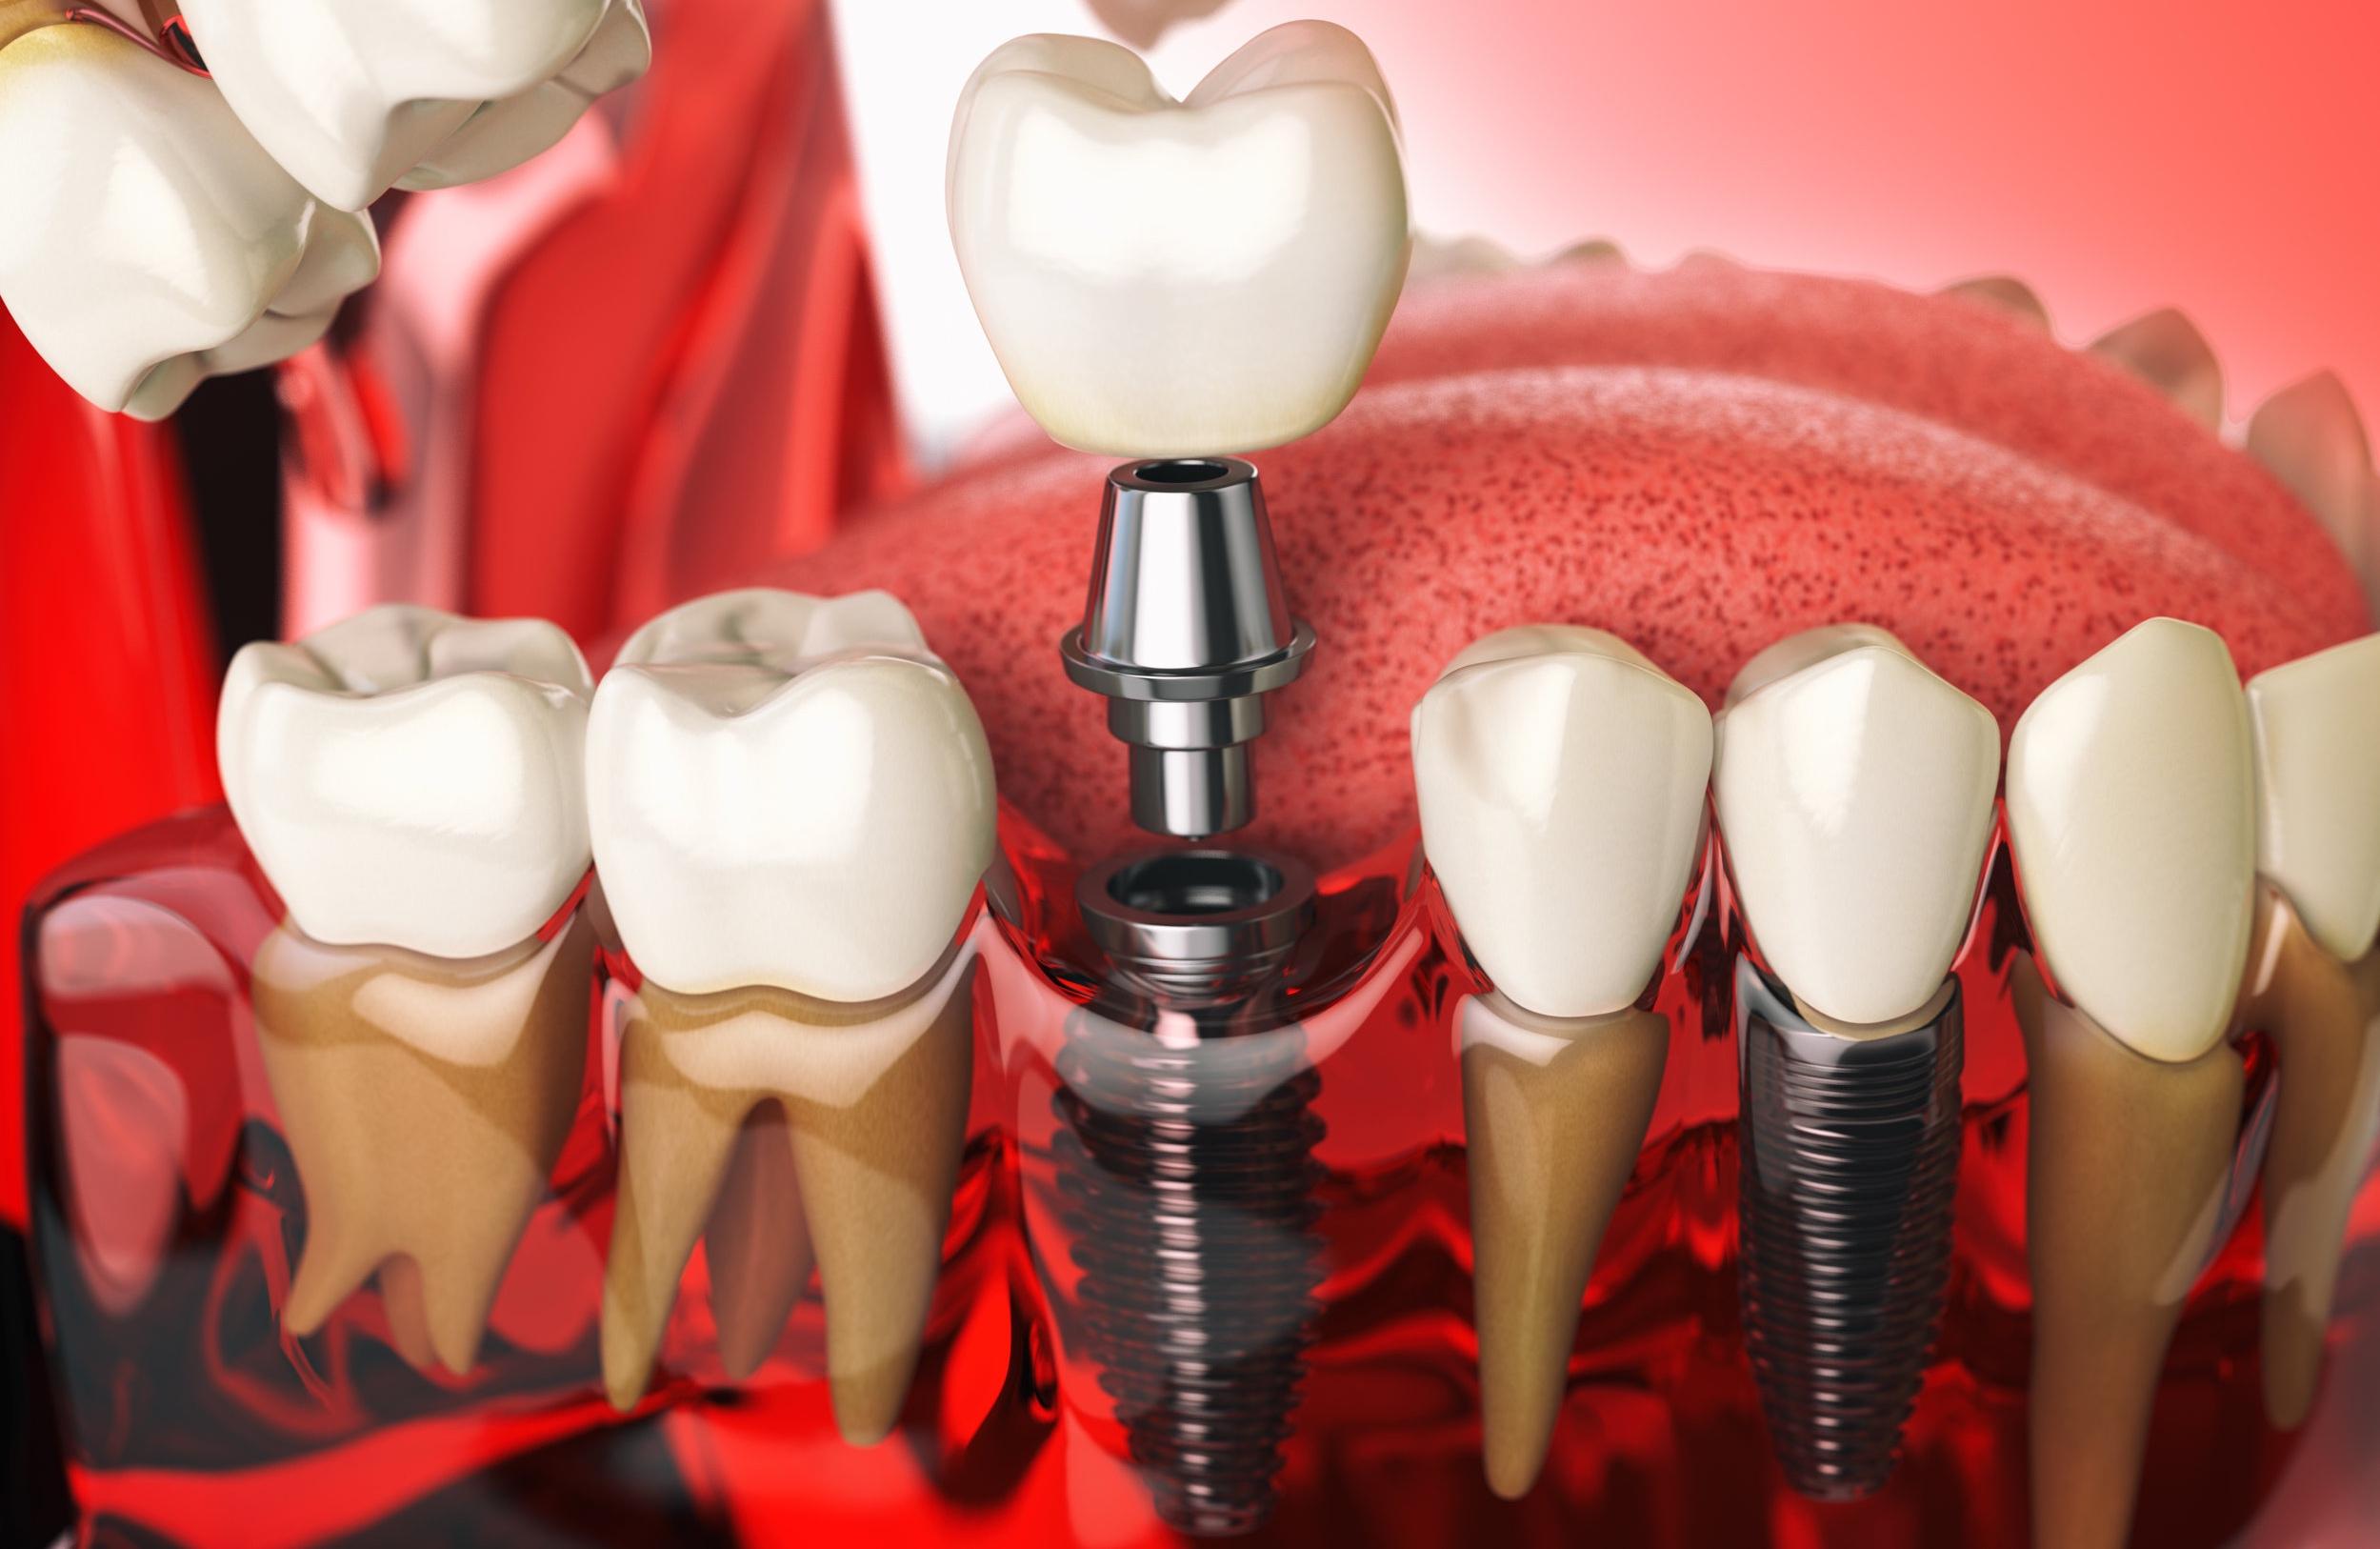 Dental Implants - -Straumann-DIO